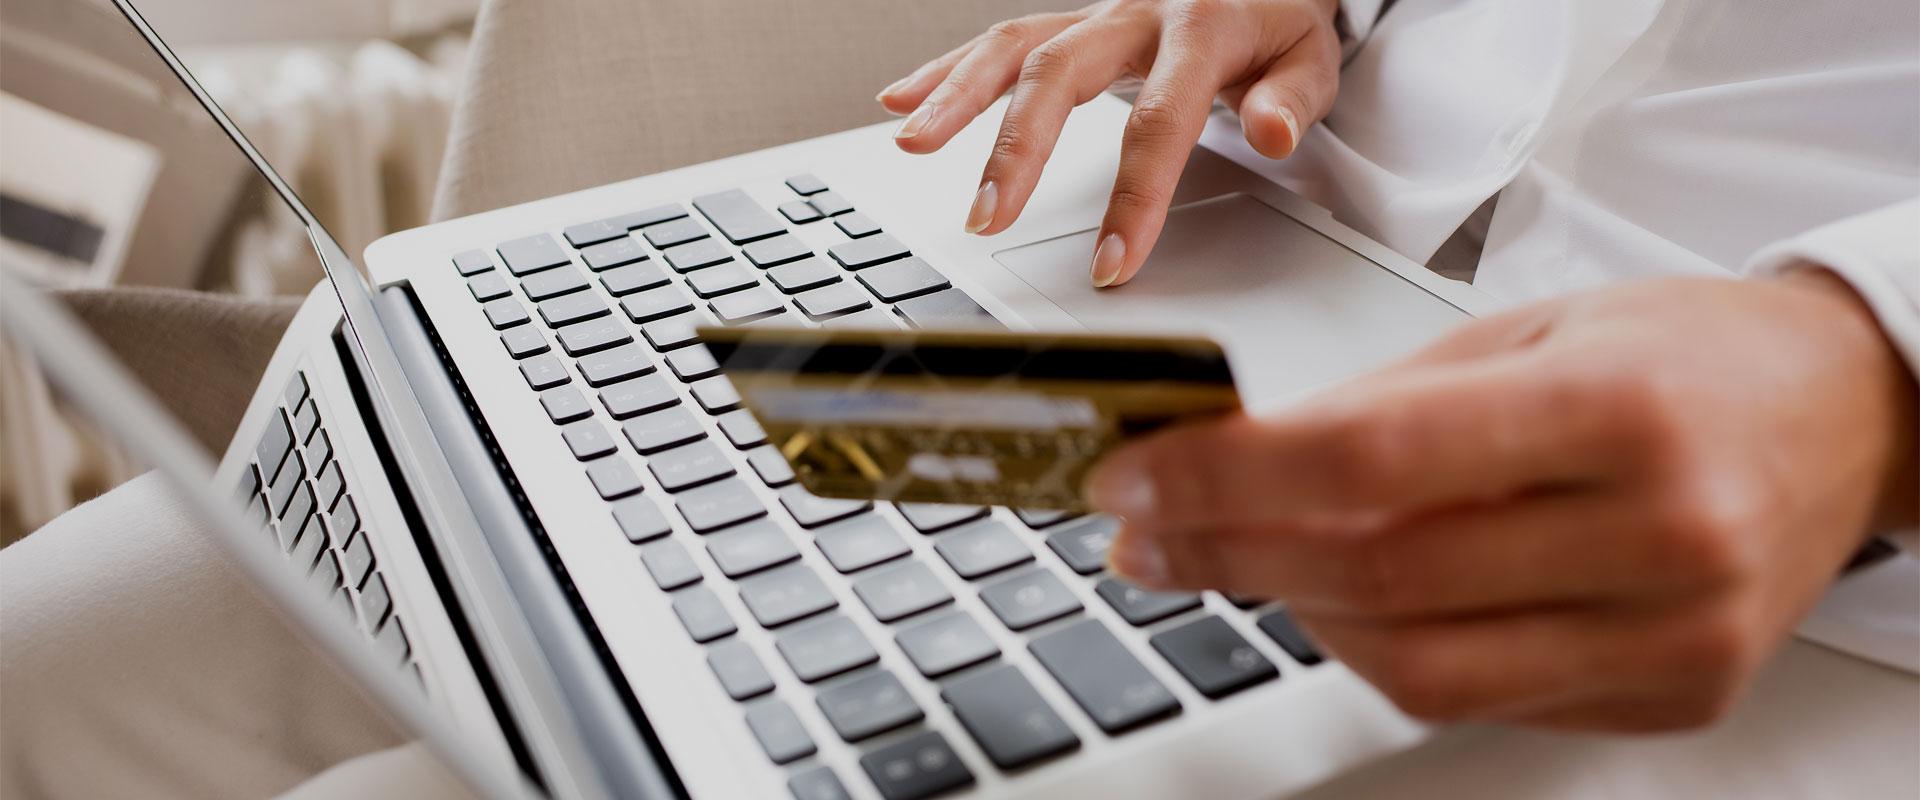 ЯБанкир - сайт для взаимовыгодных финансовых операций